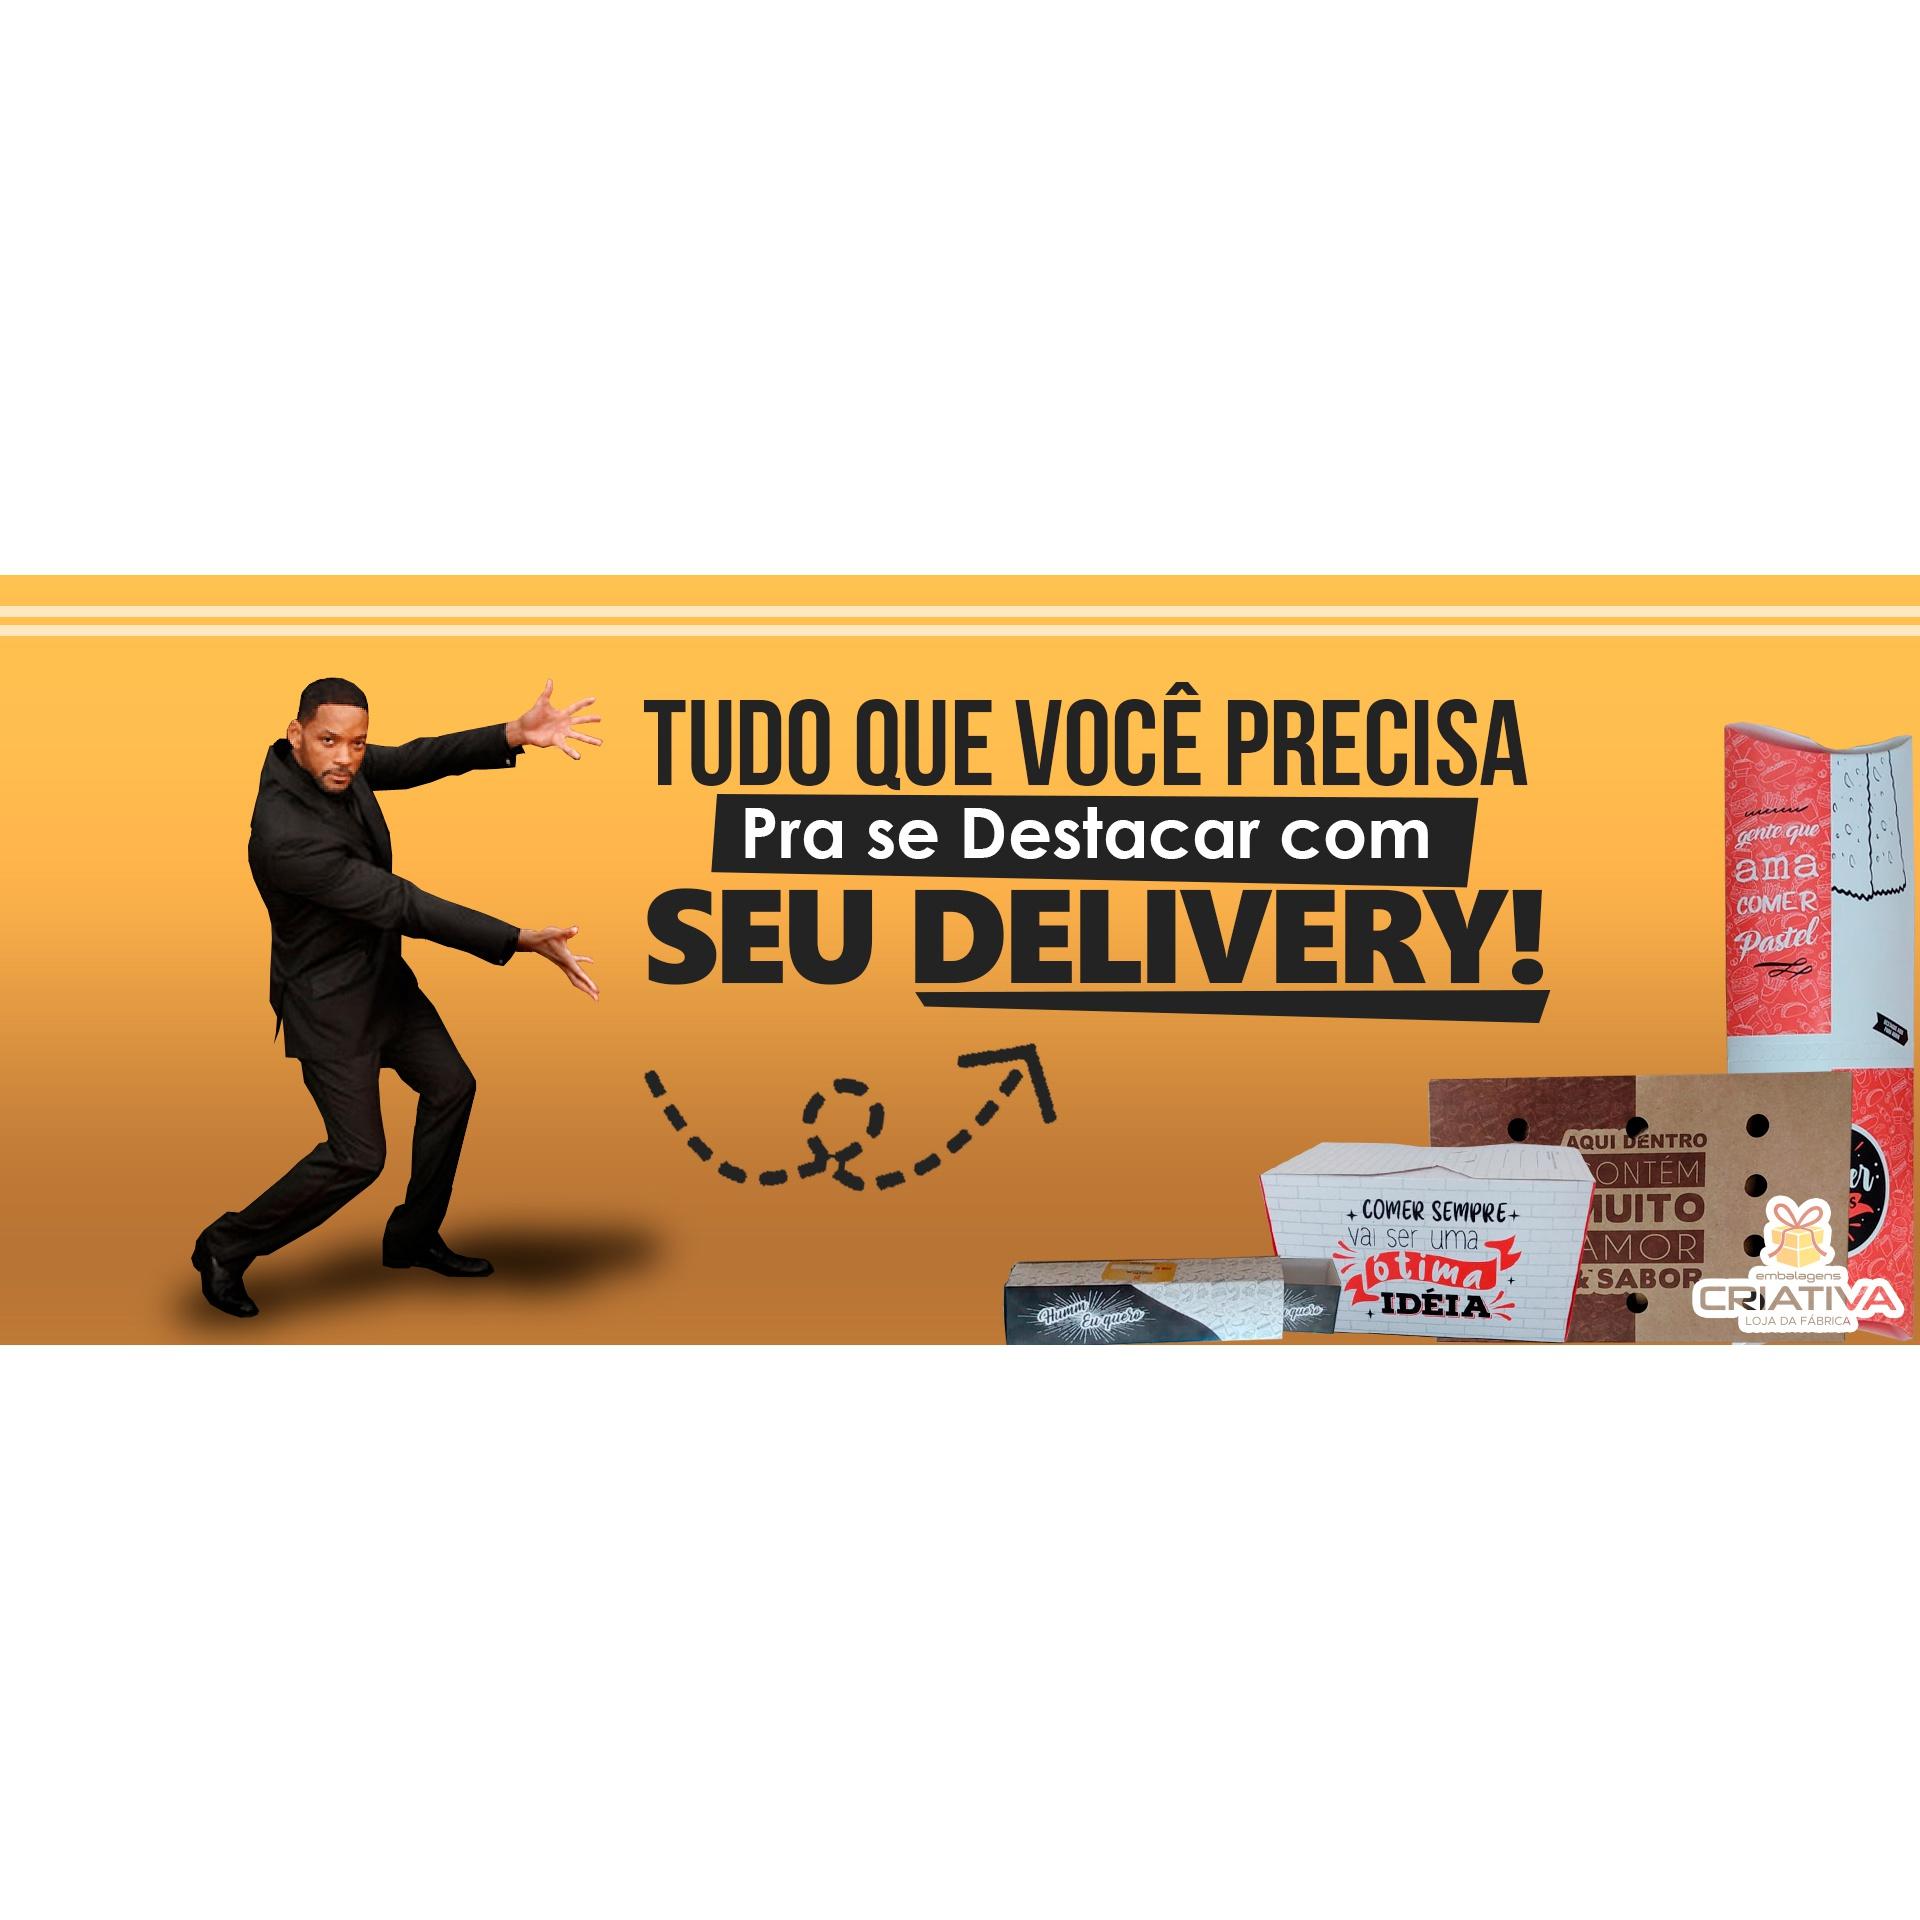 Tudo que você precisa para destacar com o seu delivery!